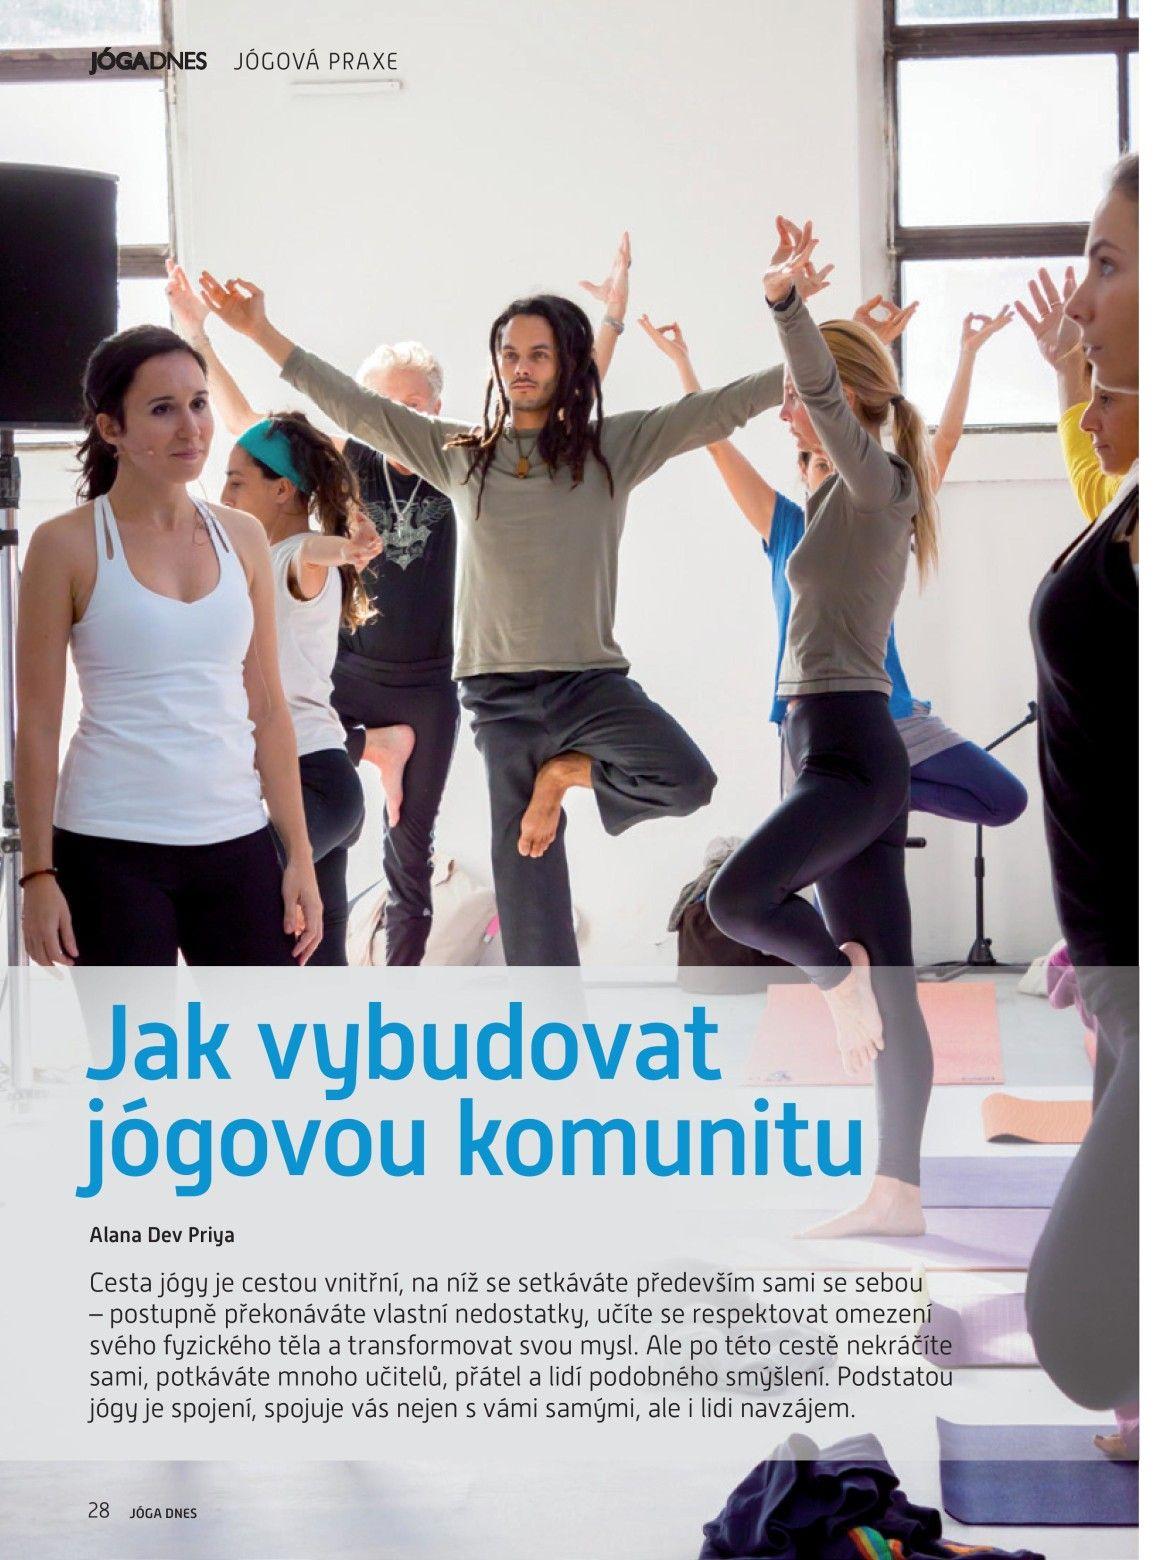 Jak vybudovat jógovou komunitu